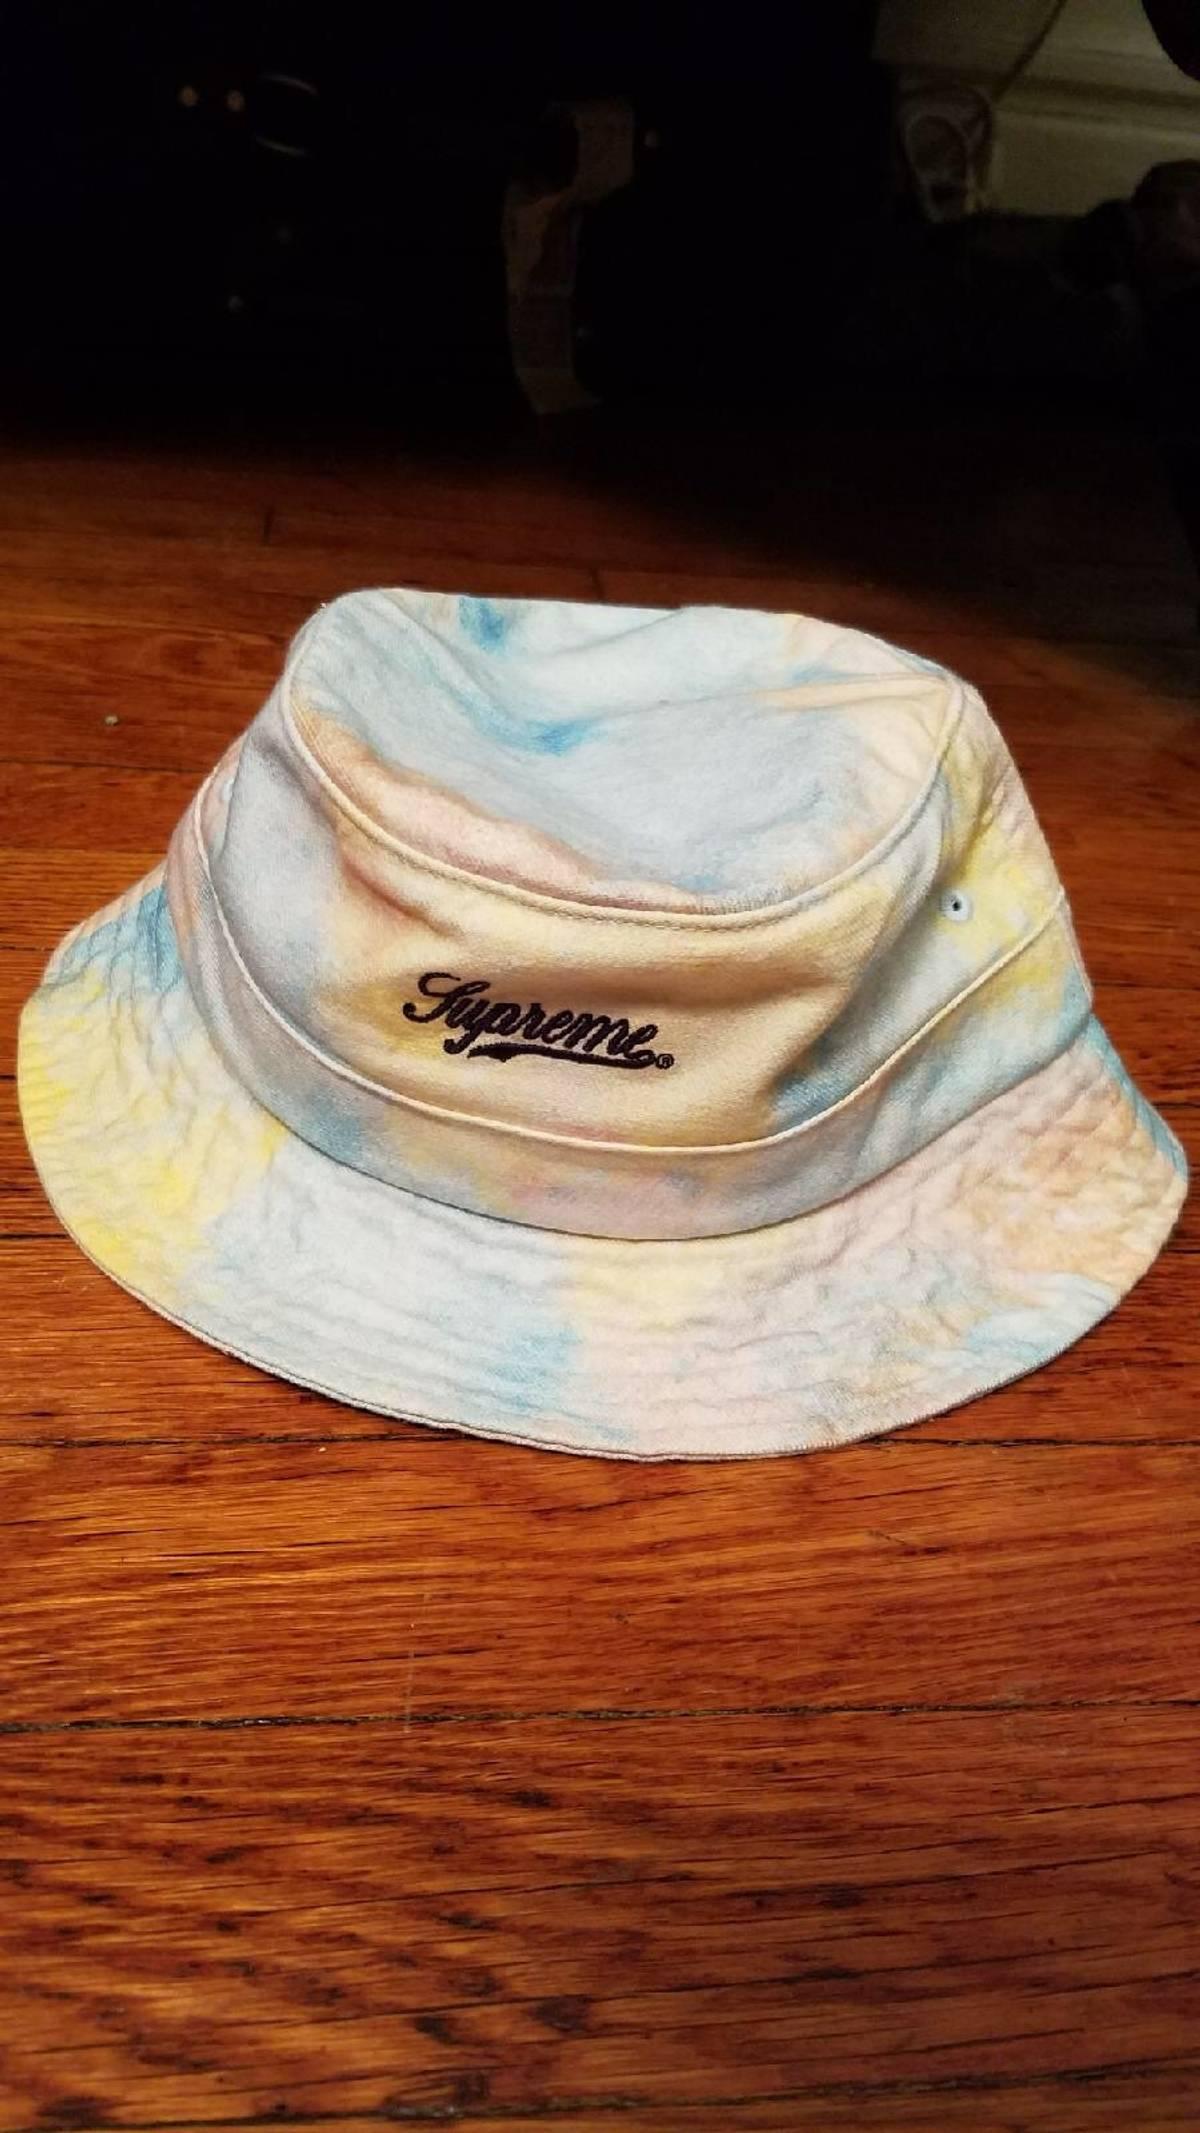 e97f6a7f6 Supreme Multicolor Denim Crusher/Bucket Hat Size One Size $81